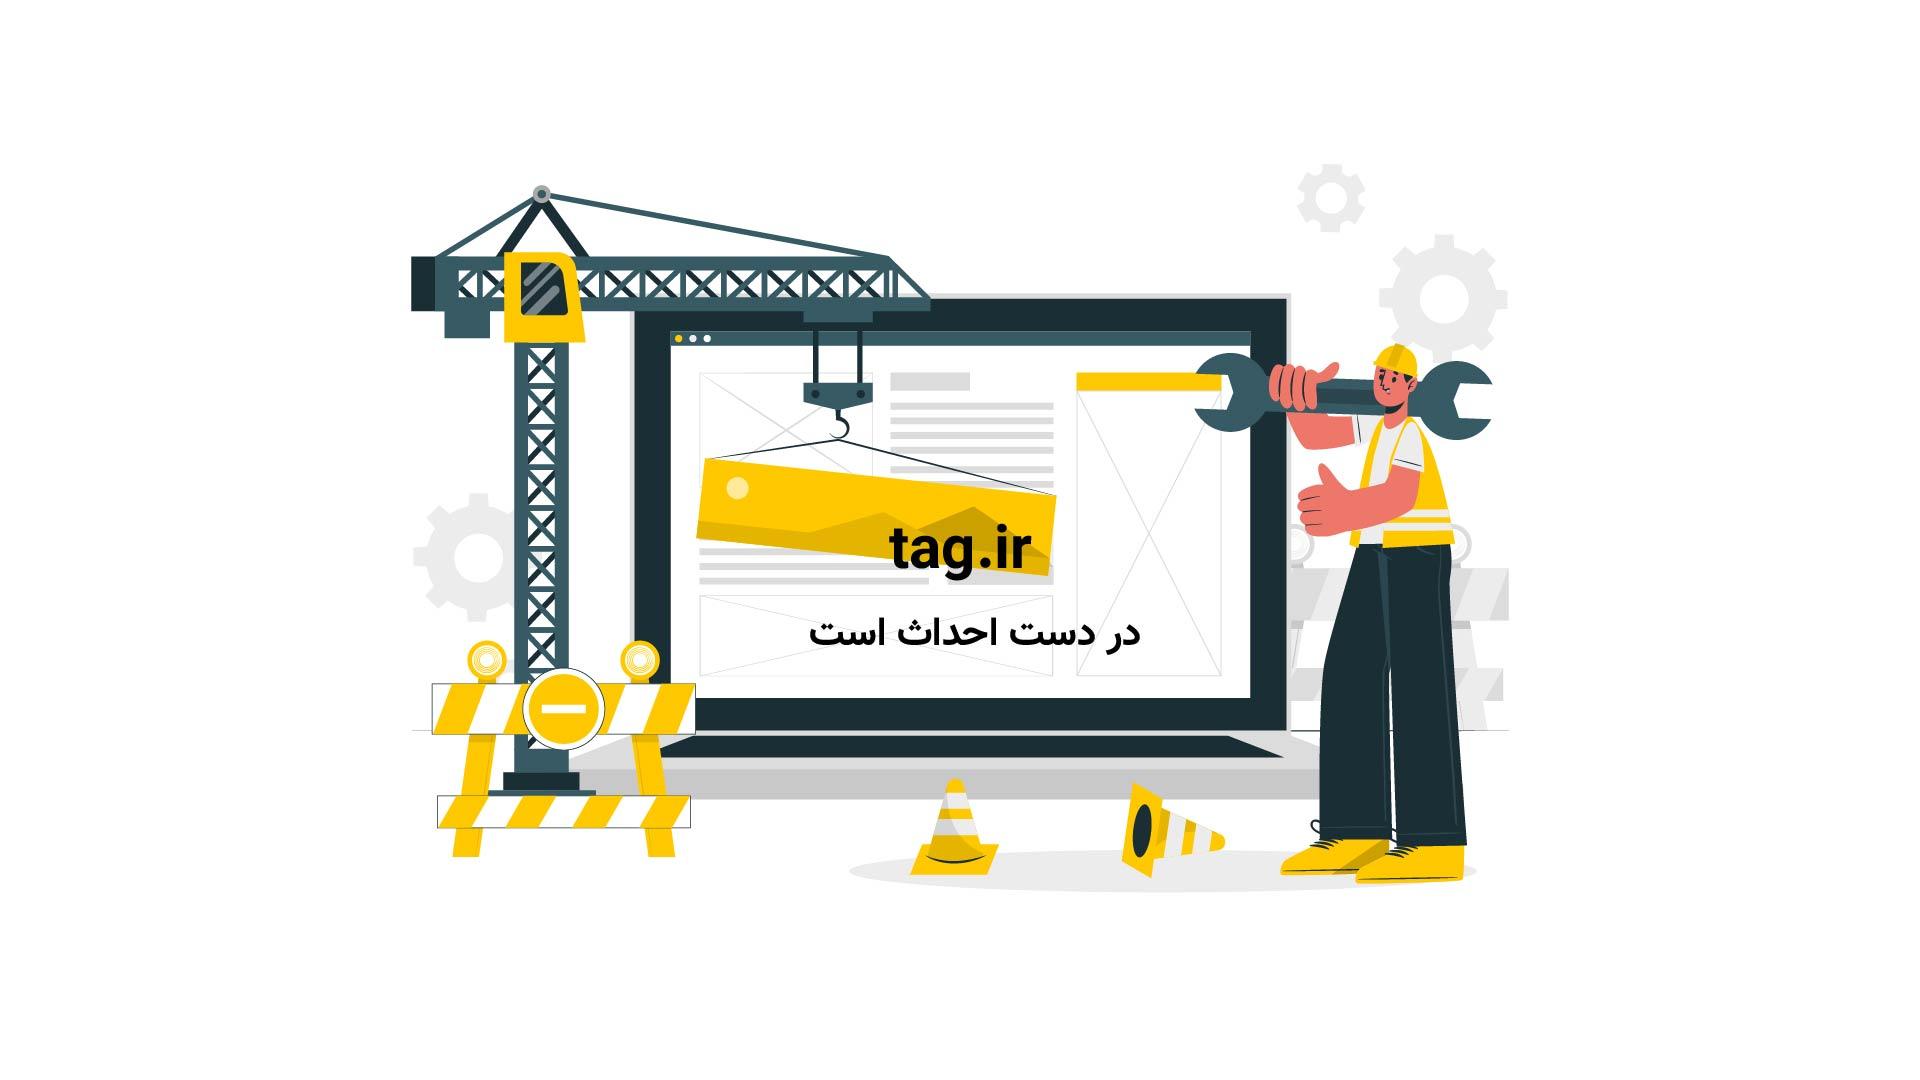 فروش مدل کوچک کلاه قرمز دونالد ترامپ در آمریکا؛ قیمت ١٤٩ دلار | فیلم